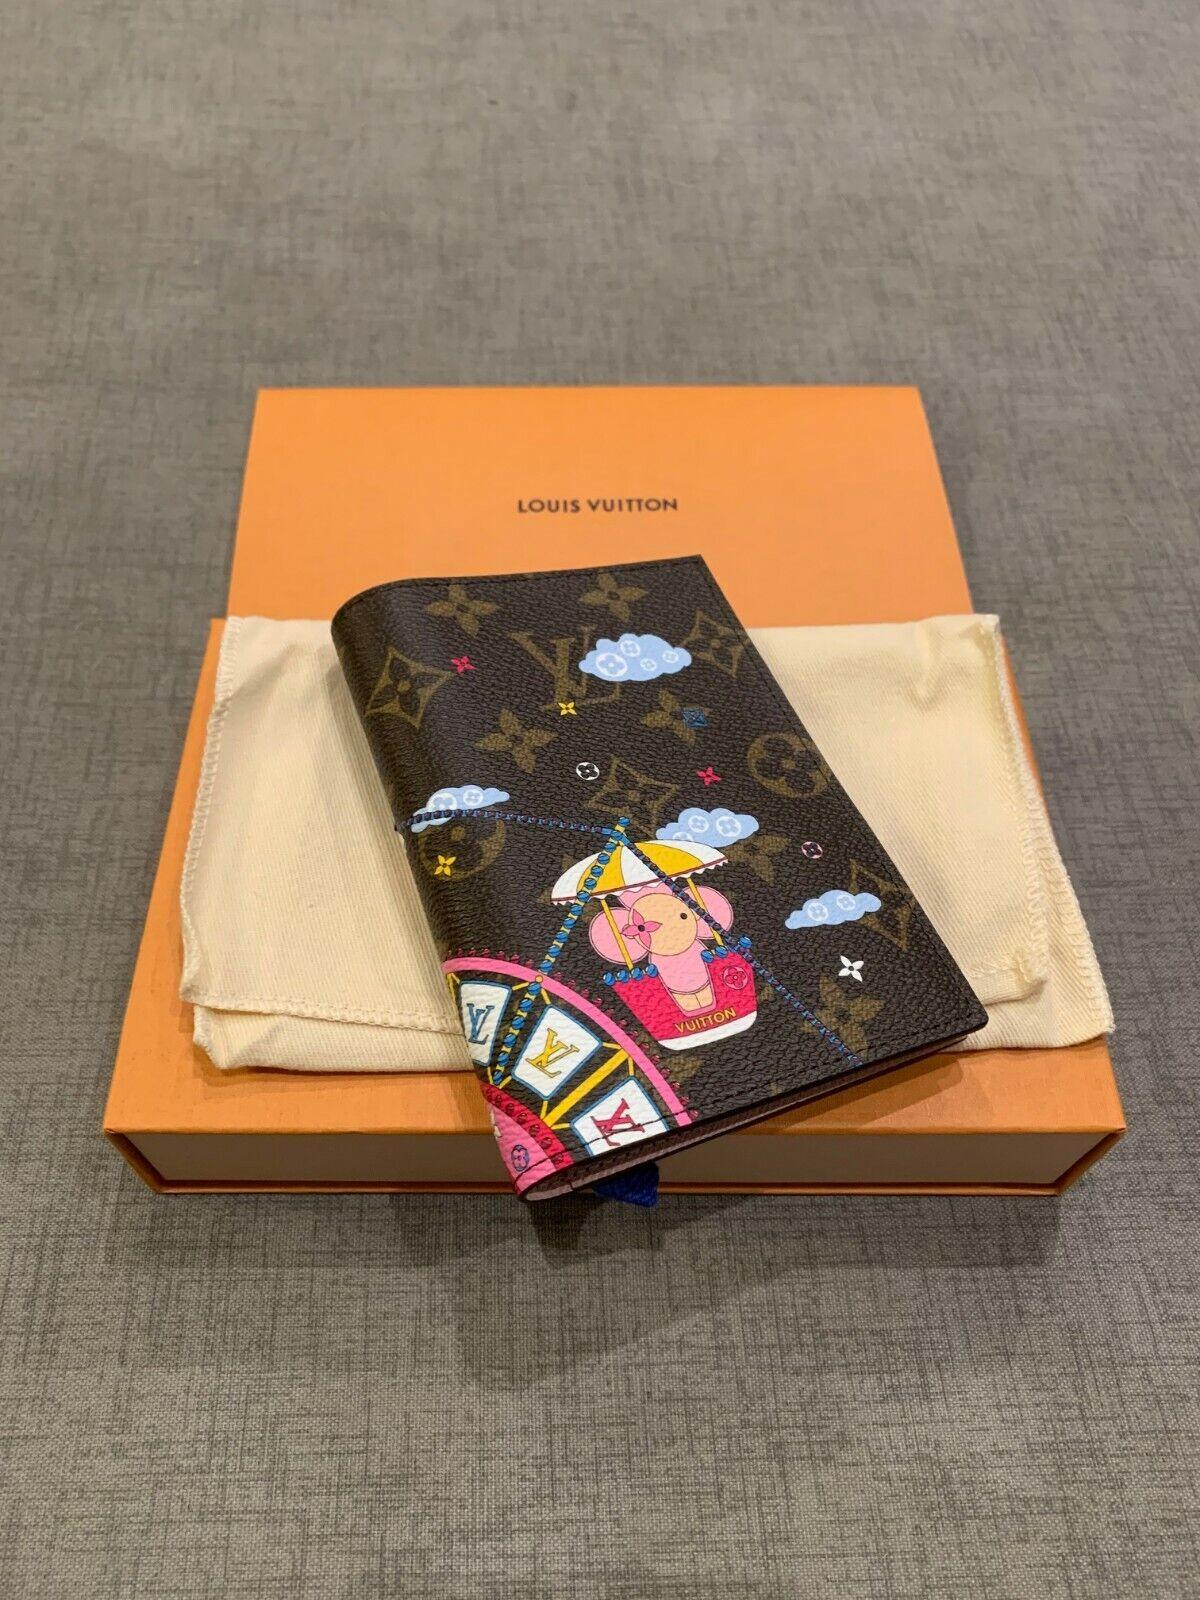 Louis Vuitton Vivienne Passport Cover 2020 exclusive